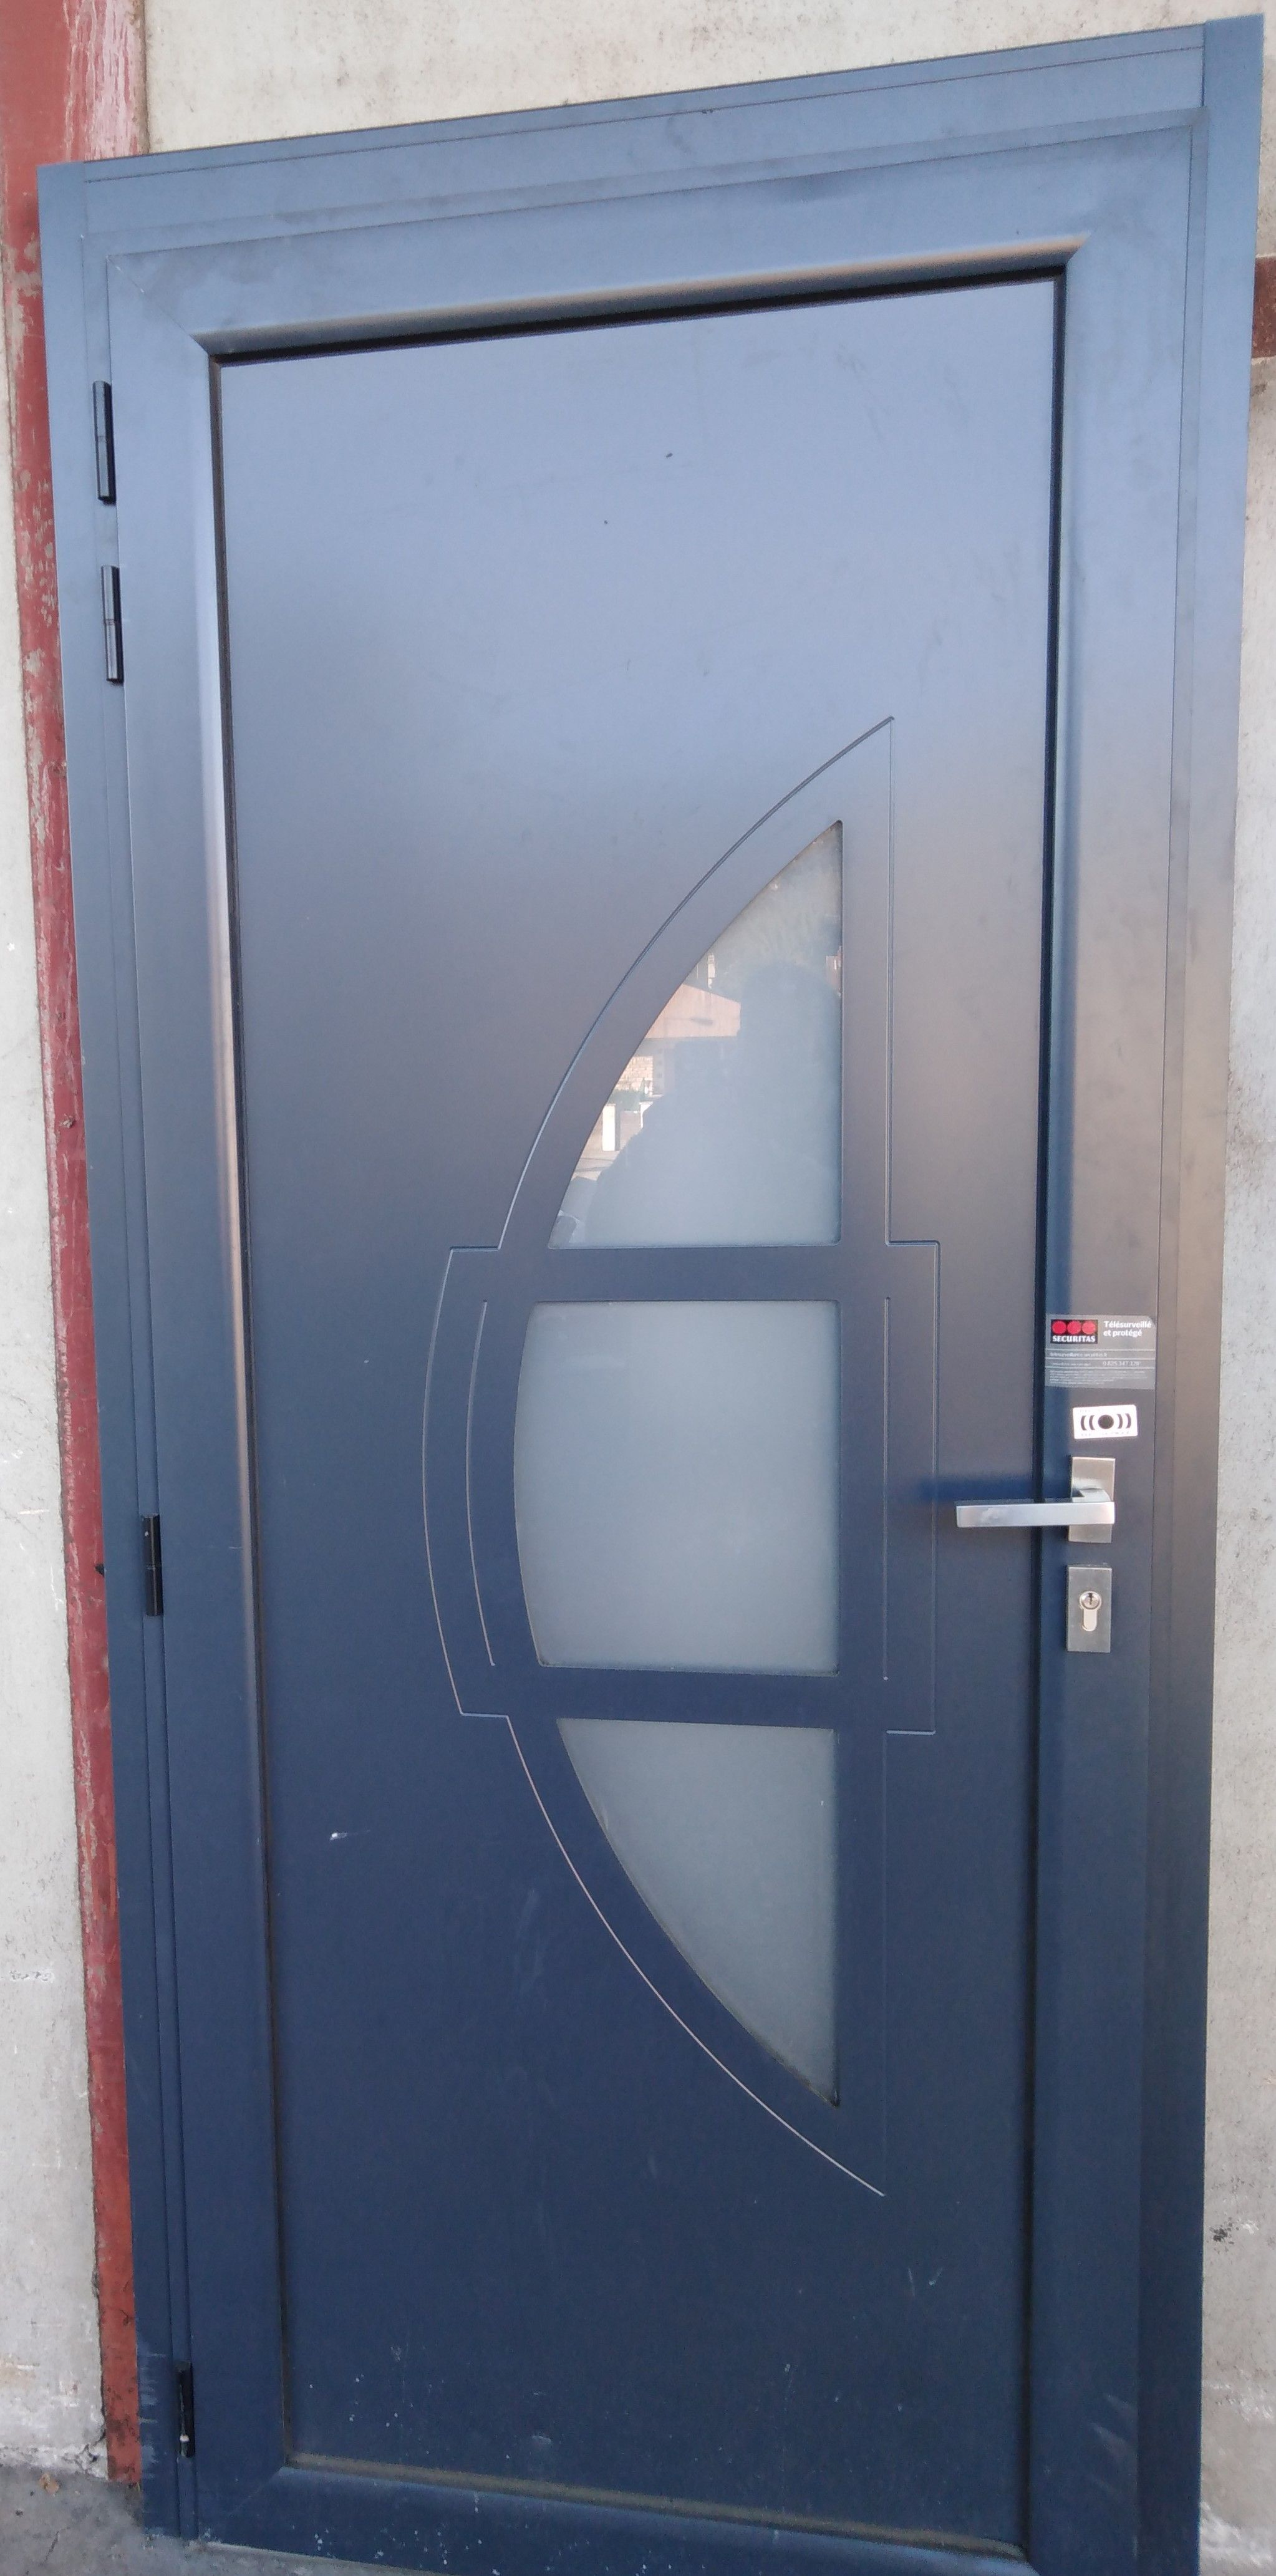 Porte D Entree En Aluminium Sur Mesure Cabrera Toutes Couleurs Porte Entree Aluminium Portes Triple Vitrage